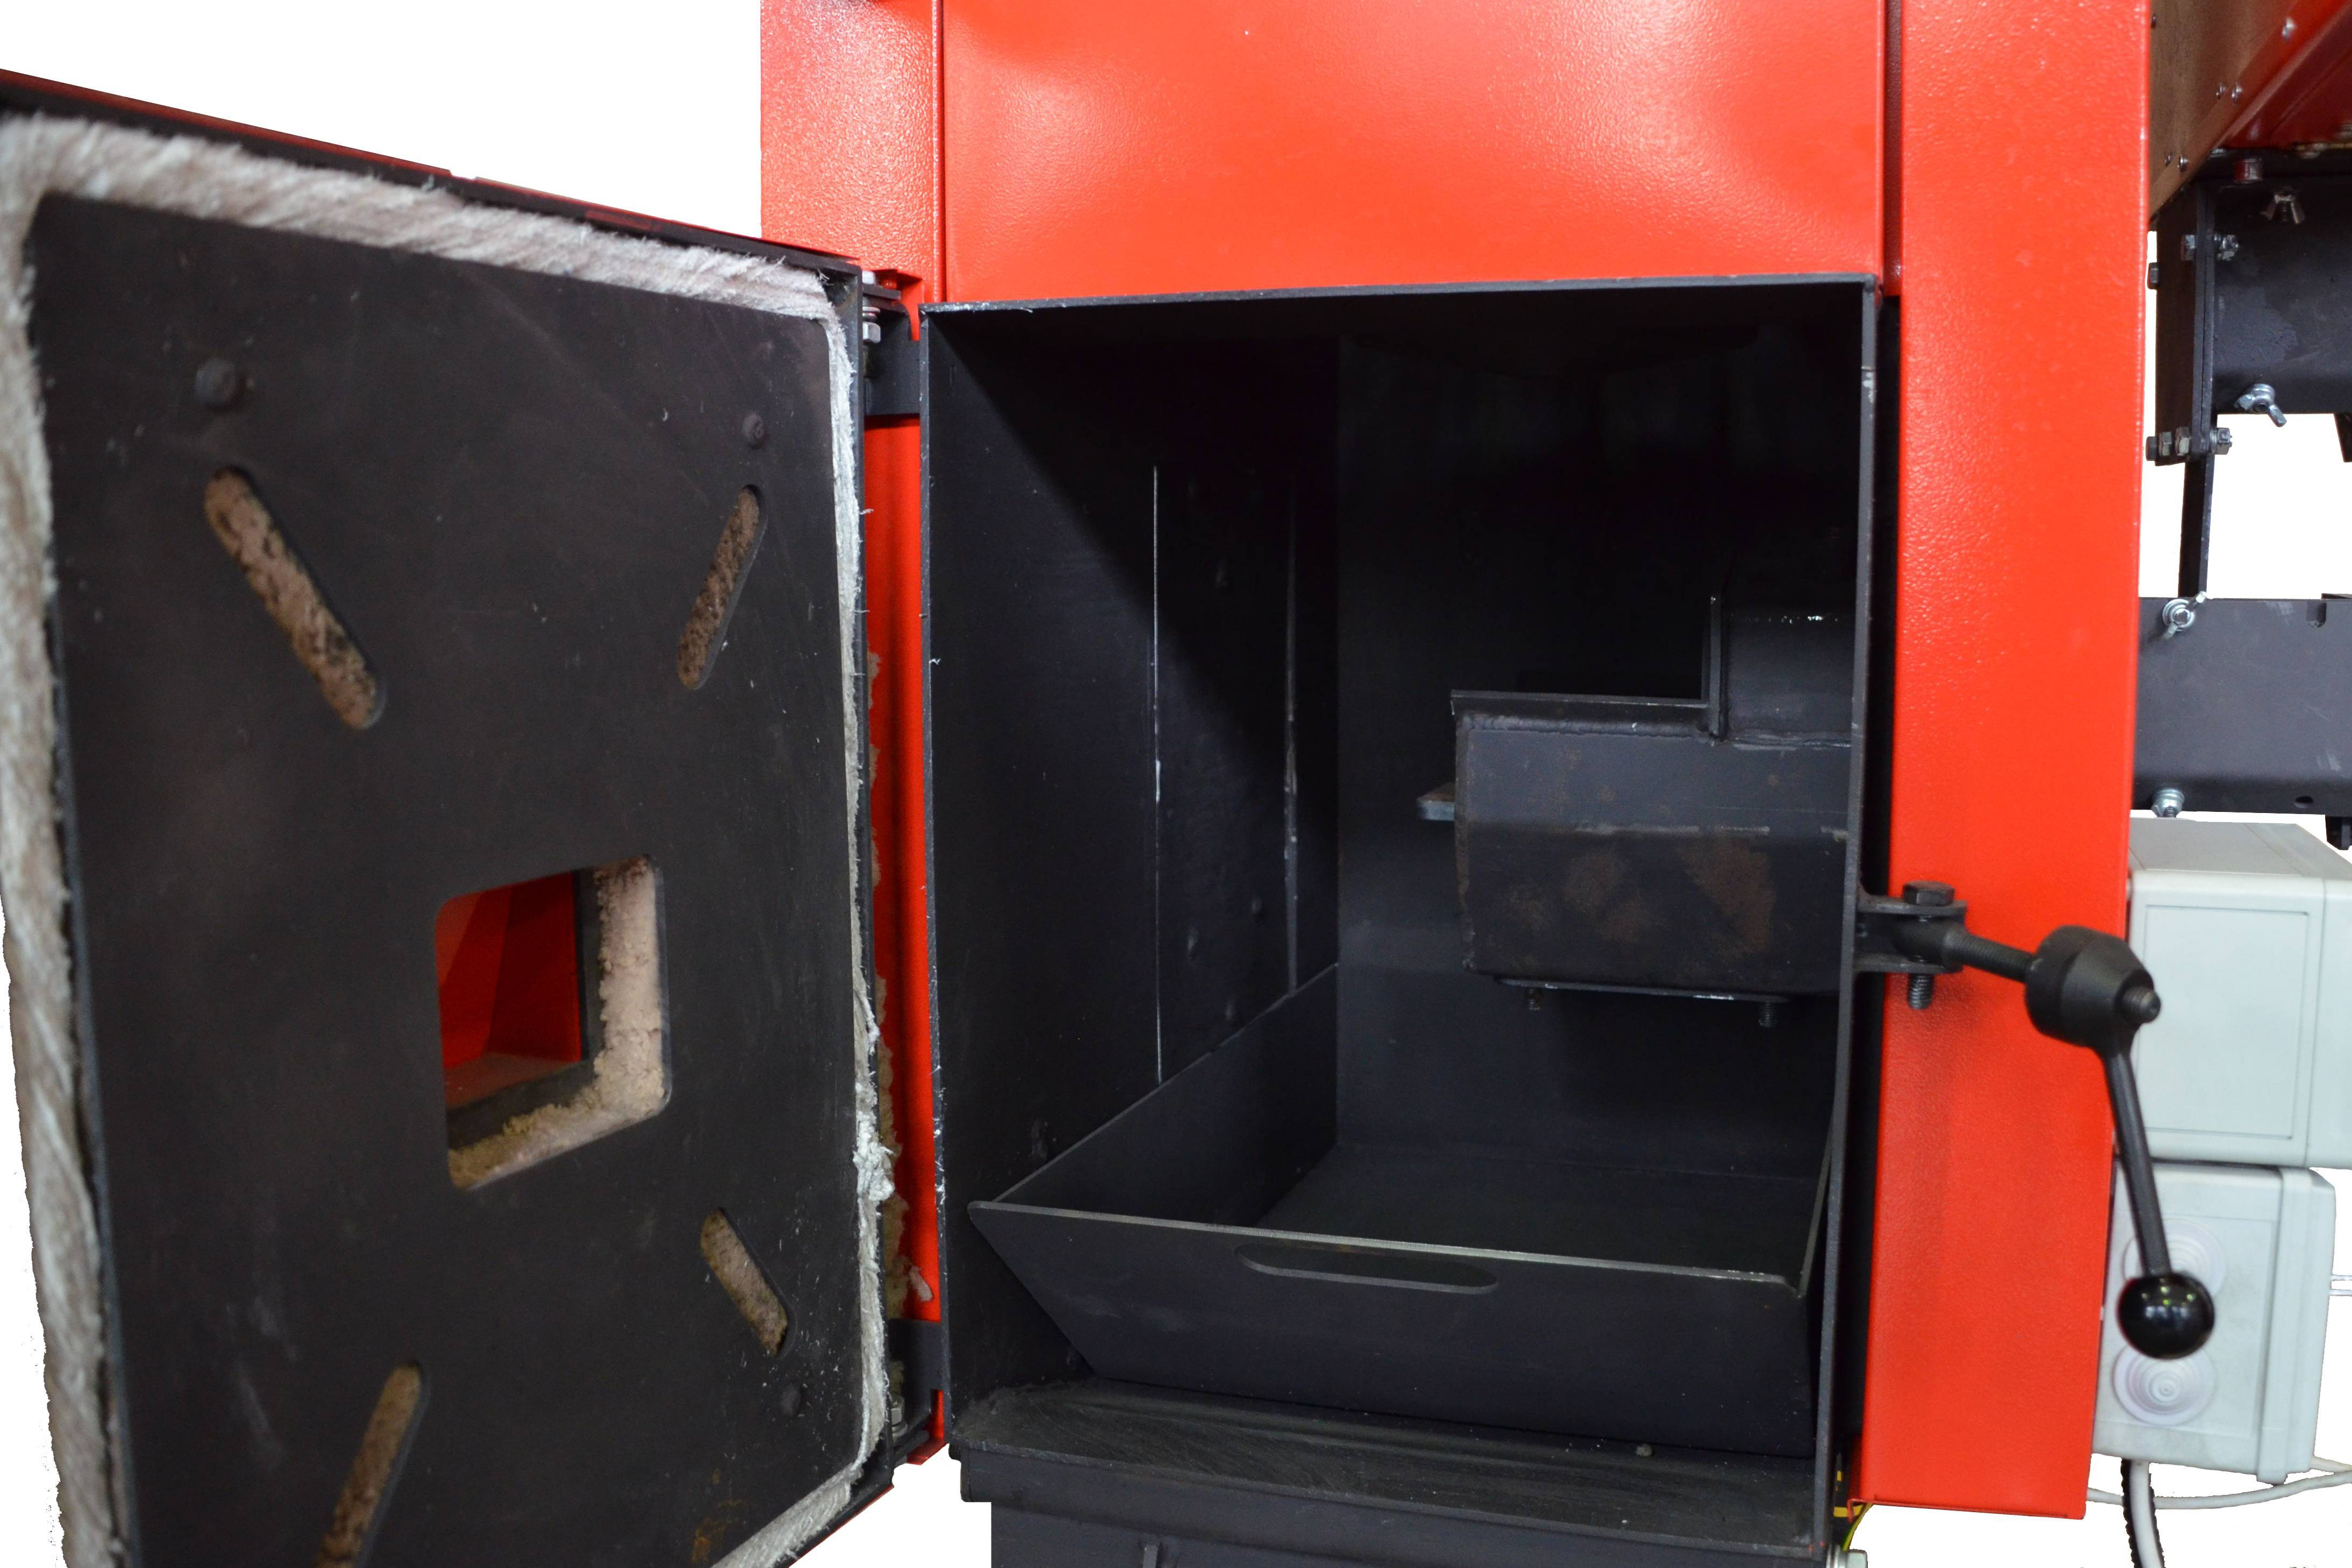 Пеллетная печь: печка на пеллетах автоматическая, пеллетный котел с водяным контуром, отопительная печка длительного горения